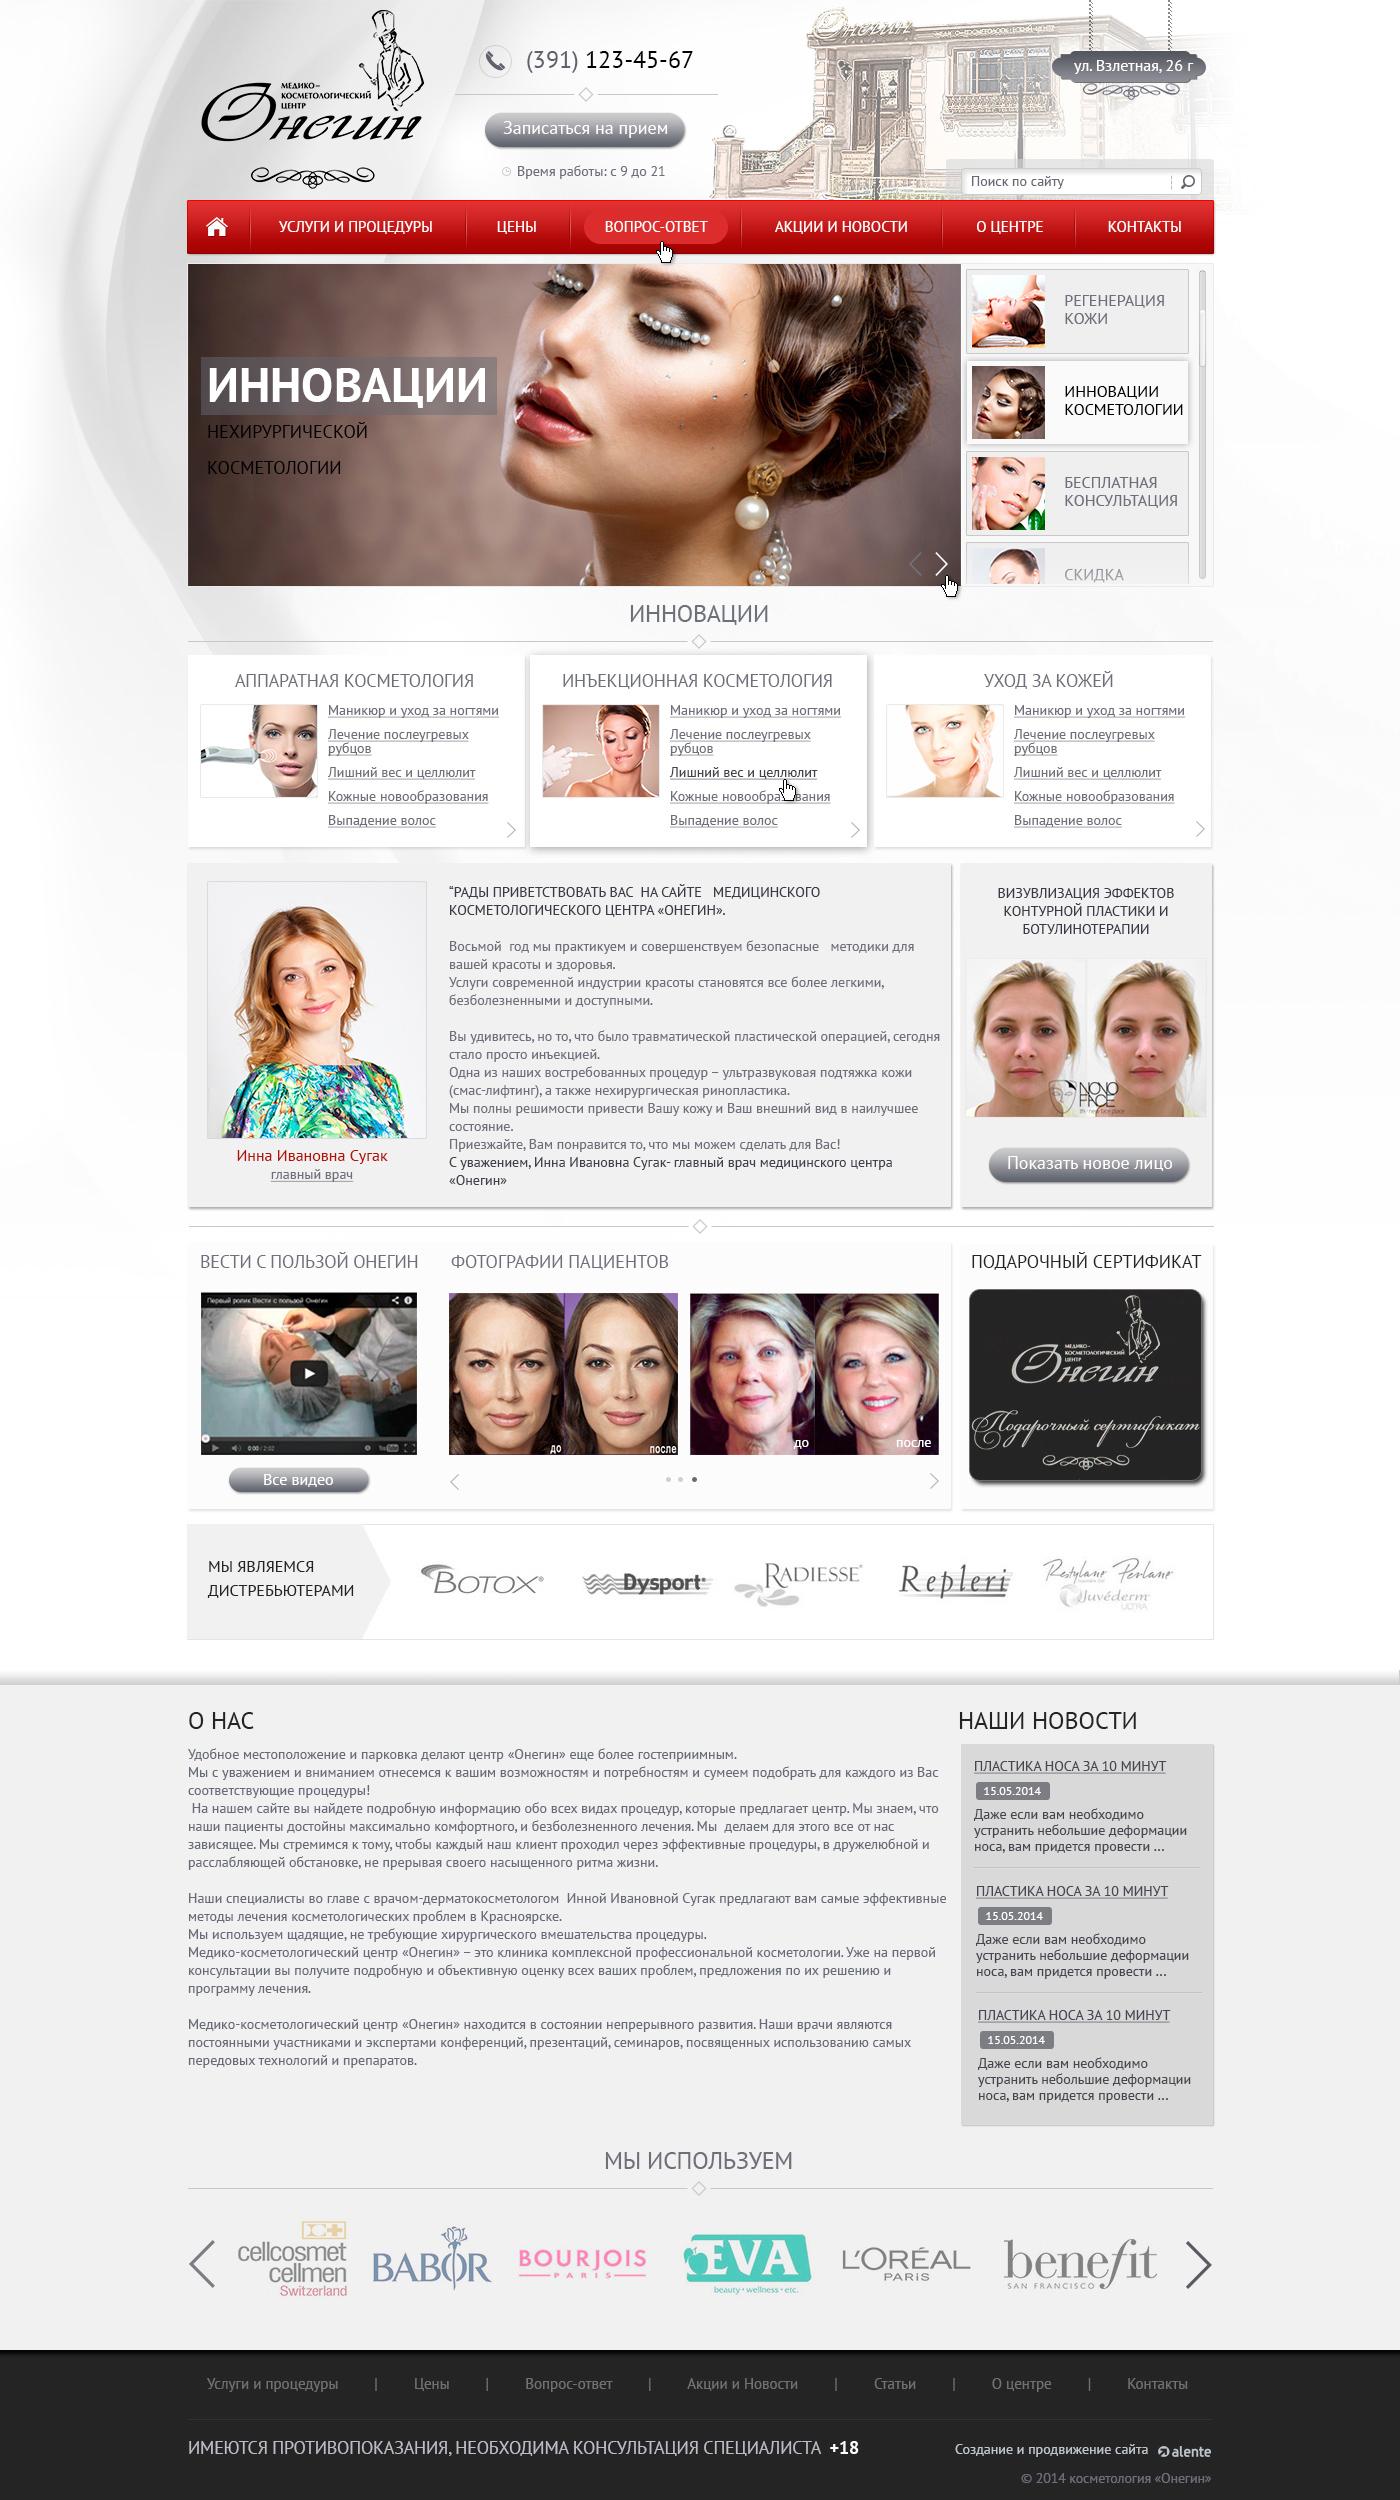 Сайт медицинского косметологического центра «Онегин»